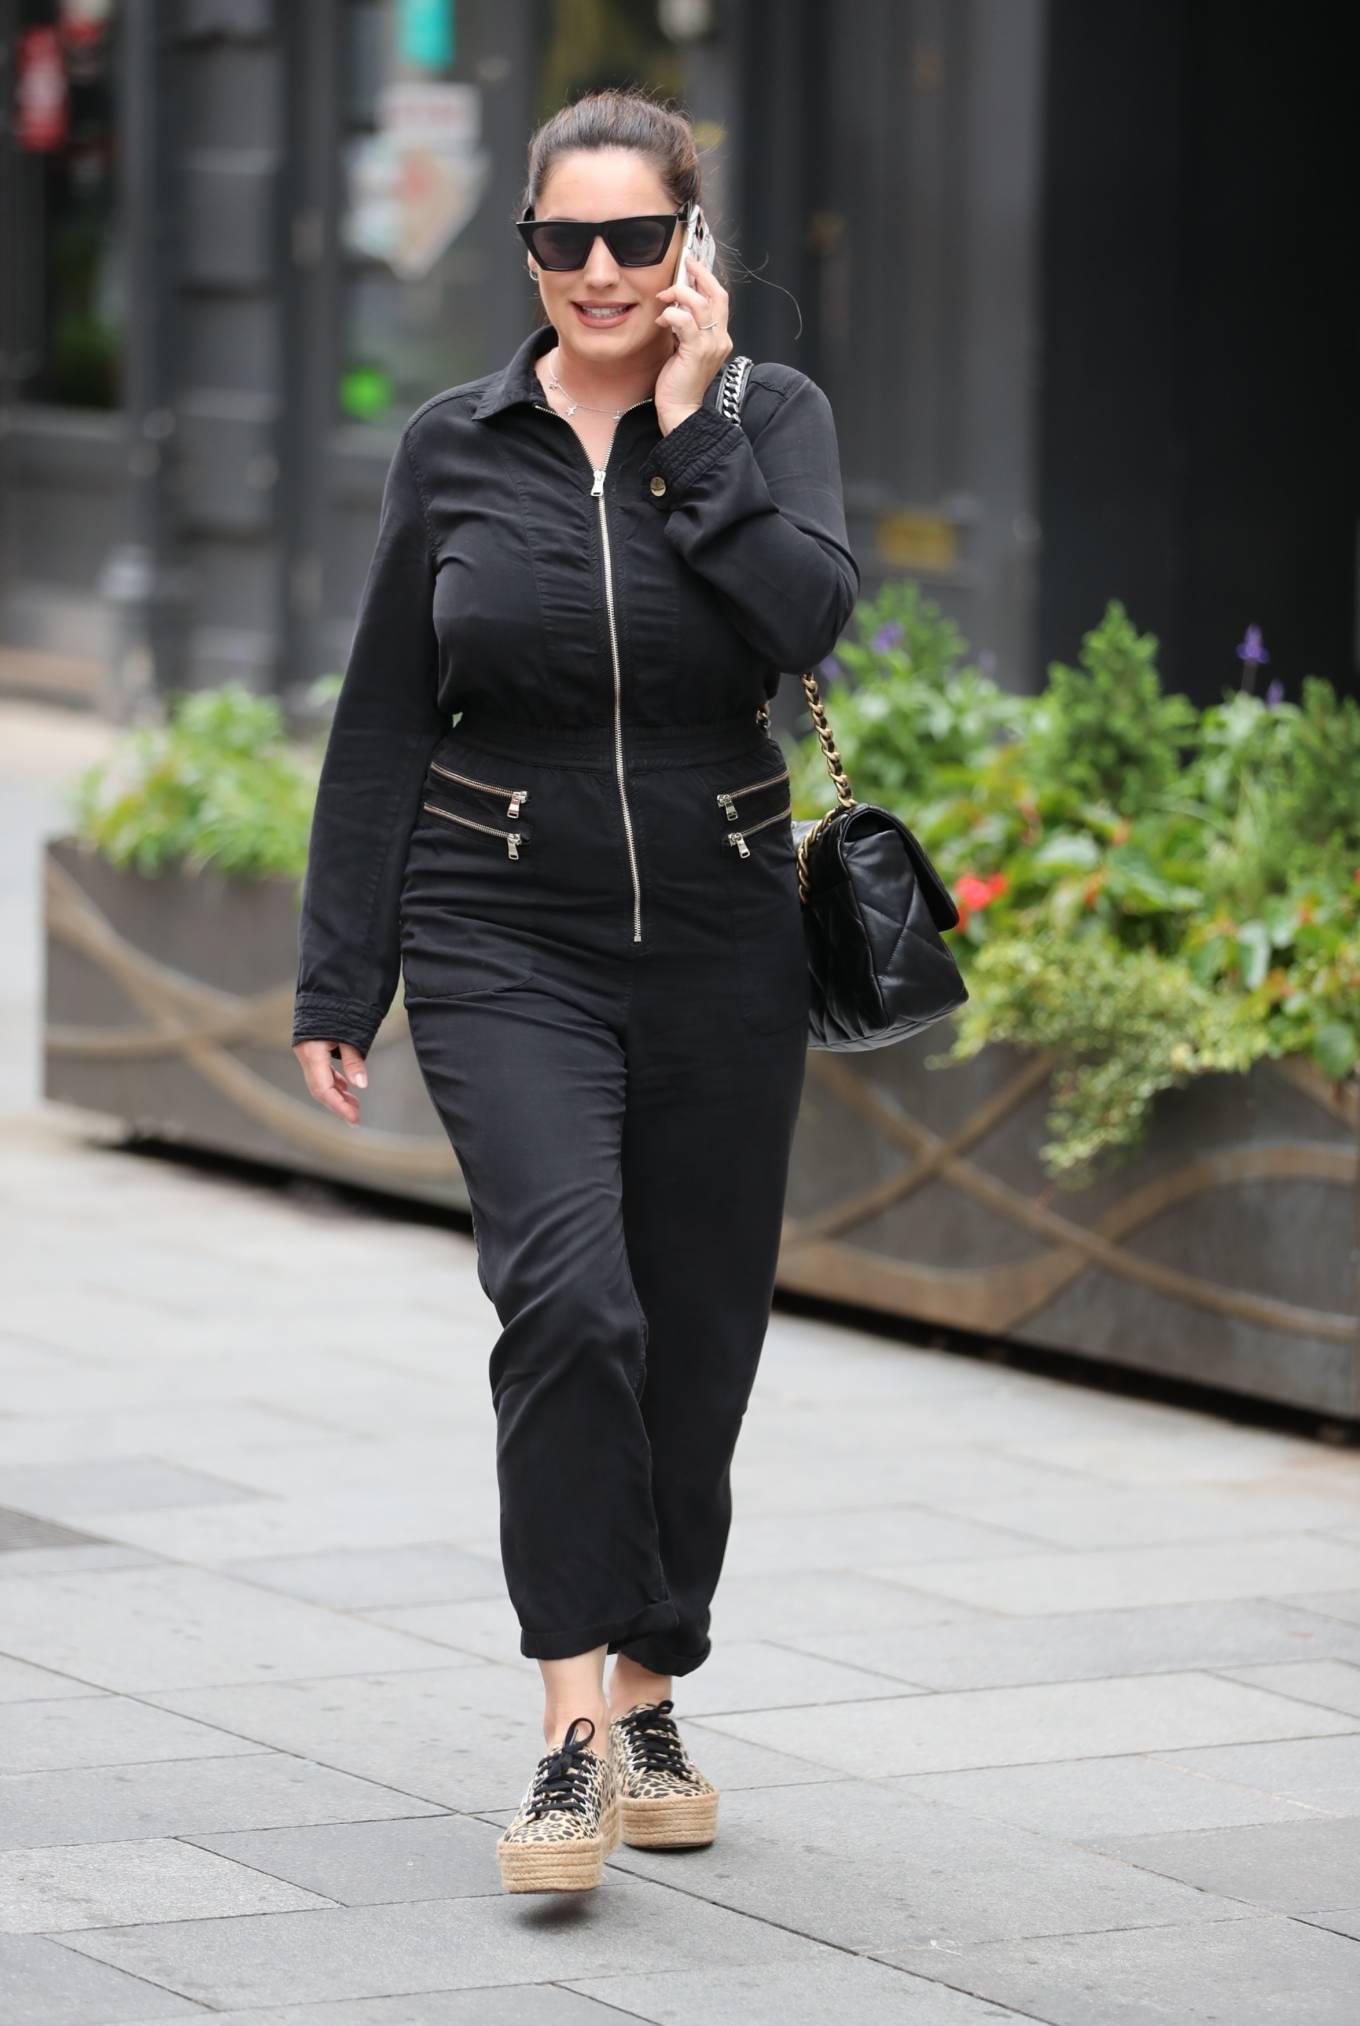 Kelly Brook - wearing black boiler suit in London